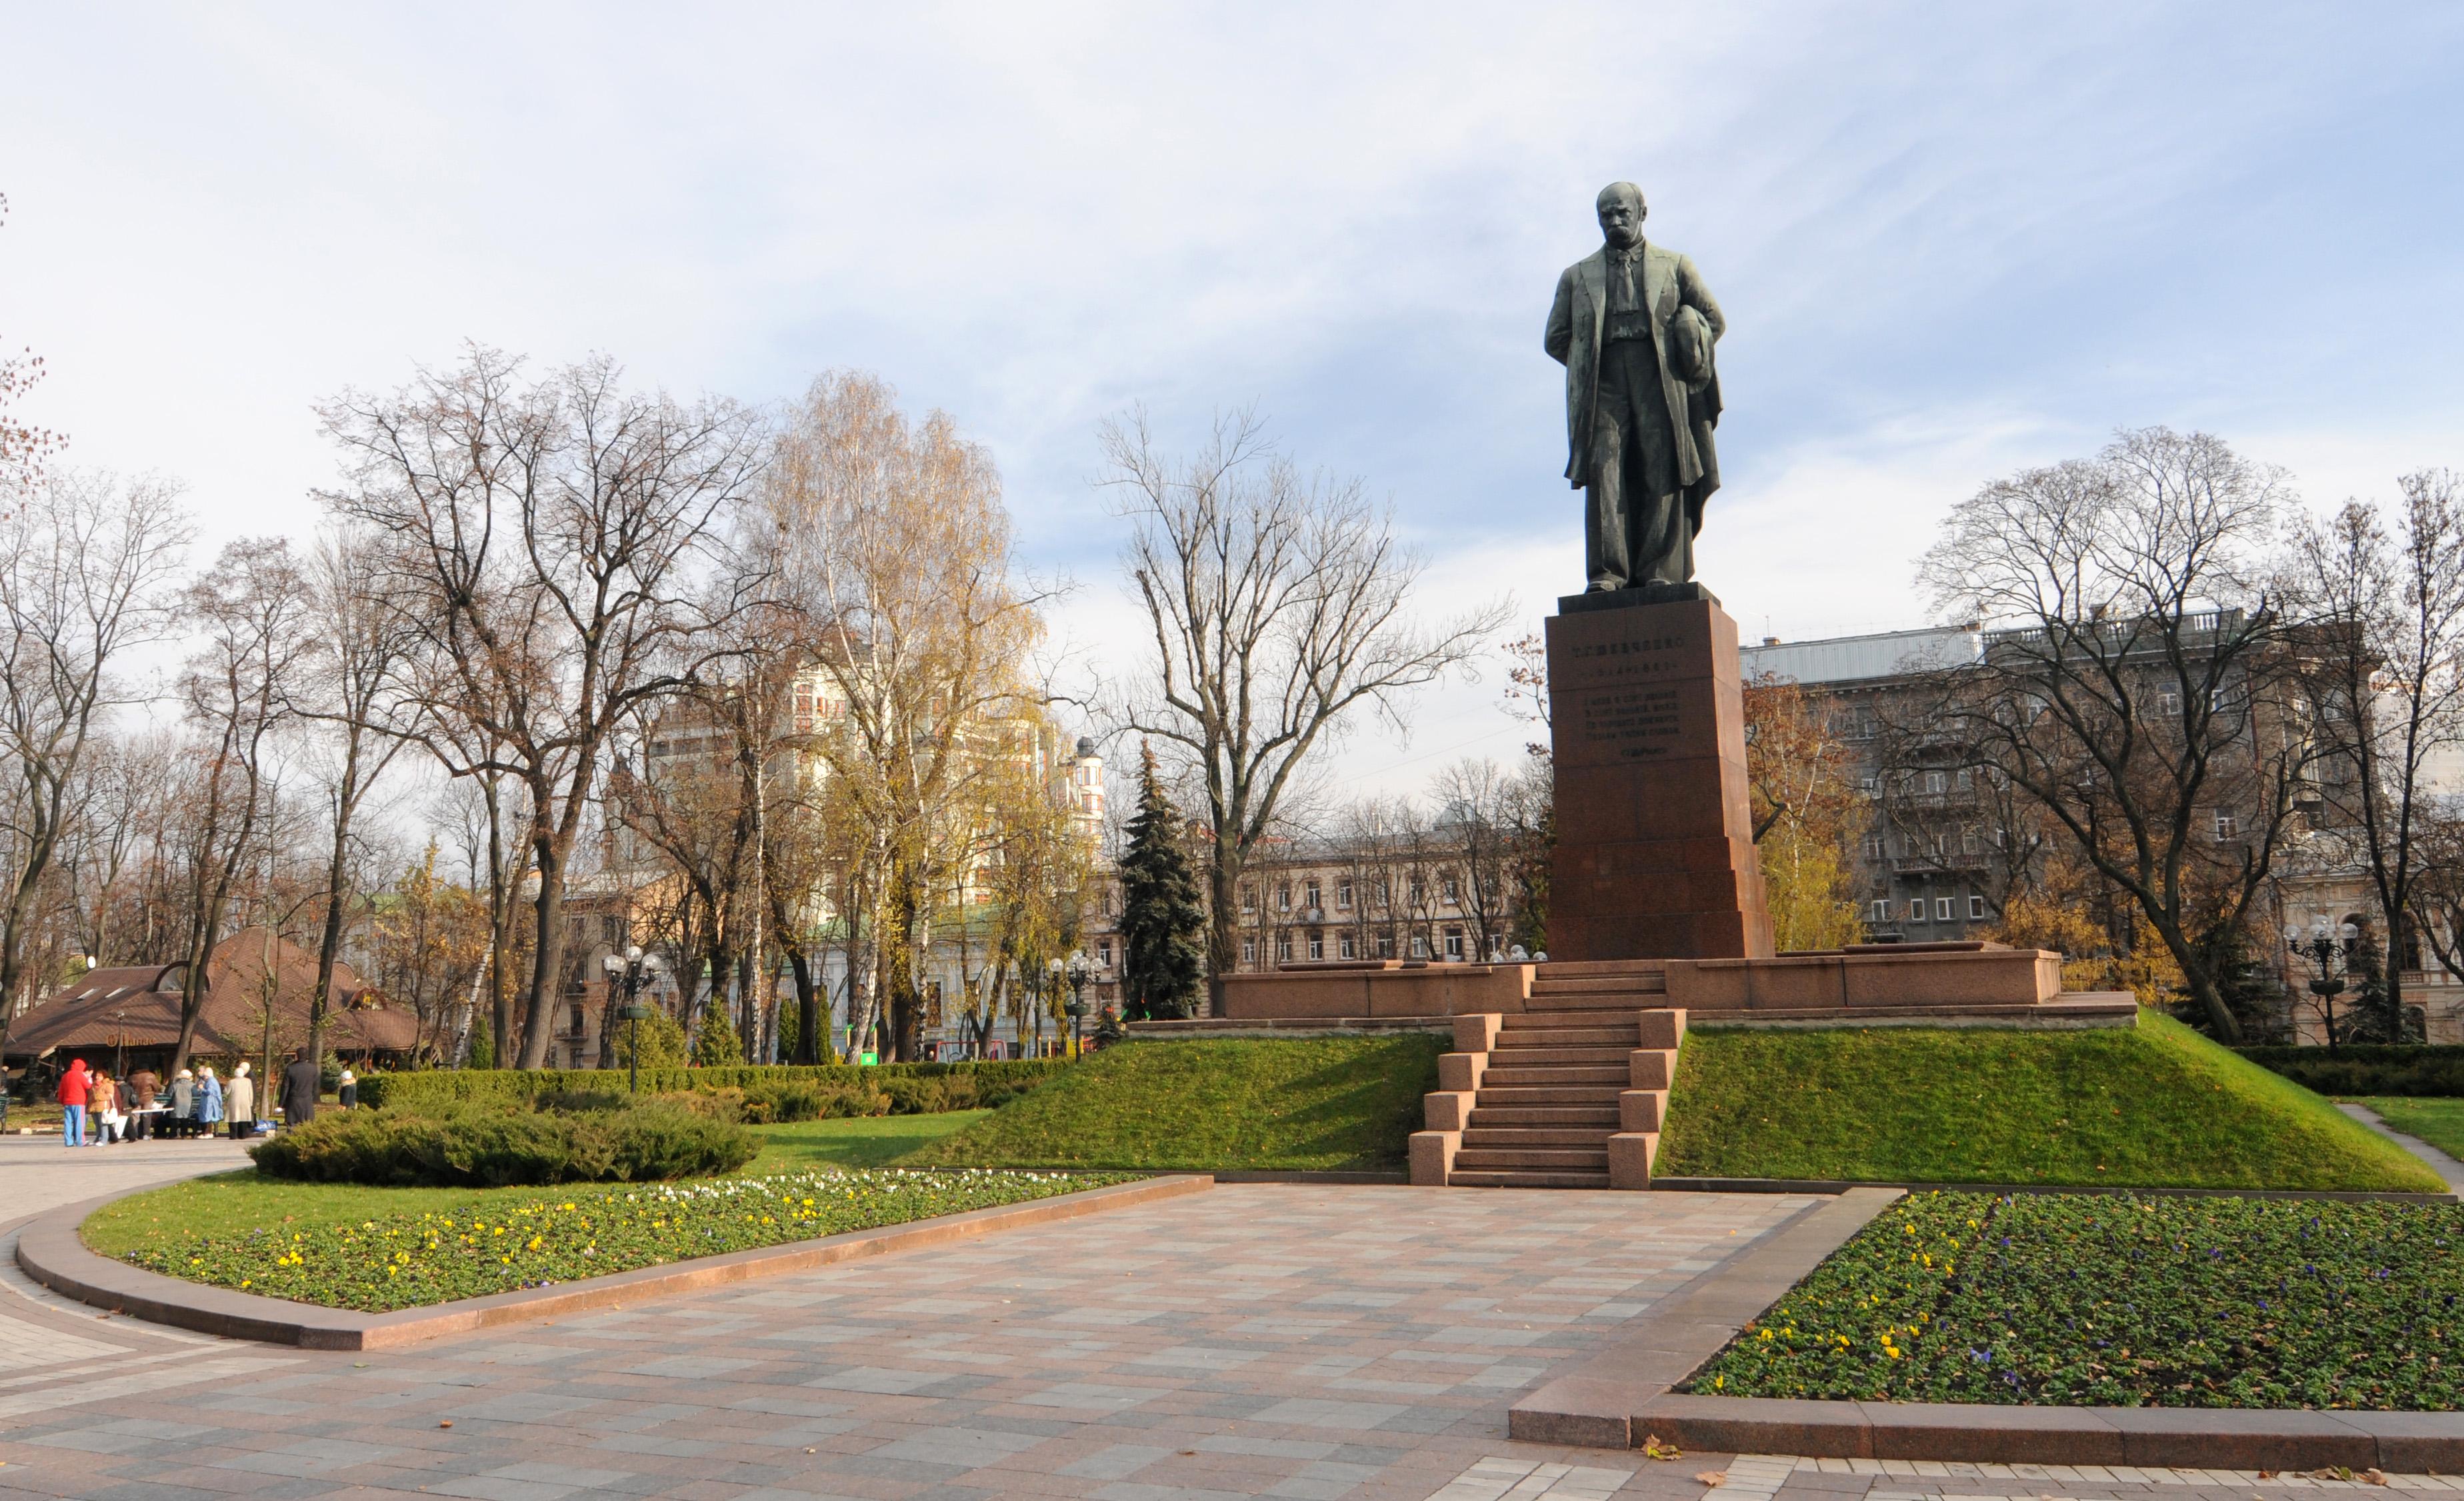 Kyiv_DSC_9917_80-391-1069.JPG